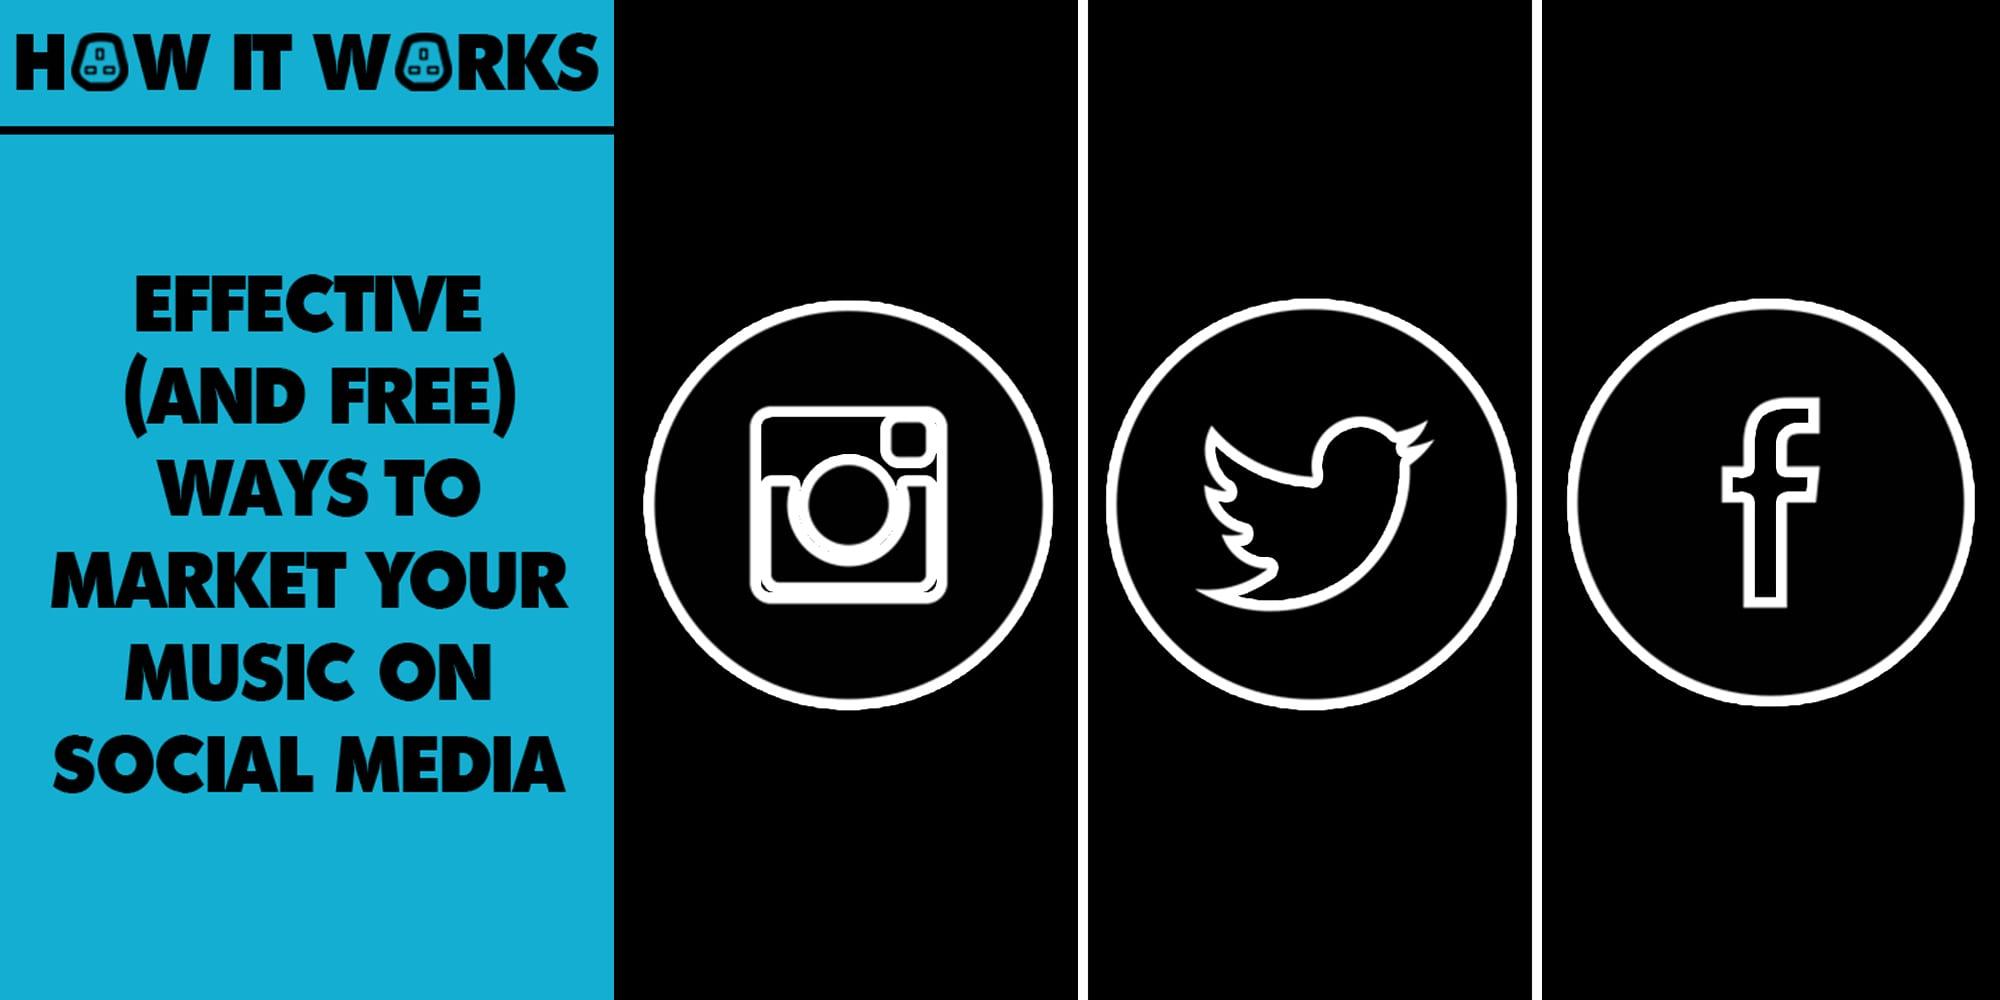 market music on social media social media marketing music marketing music on social media